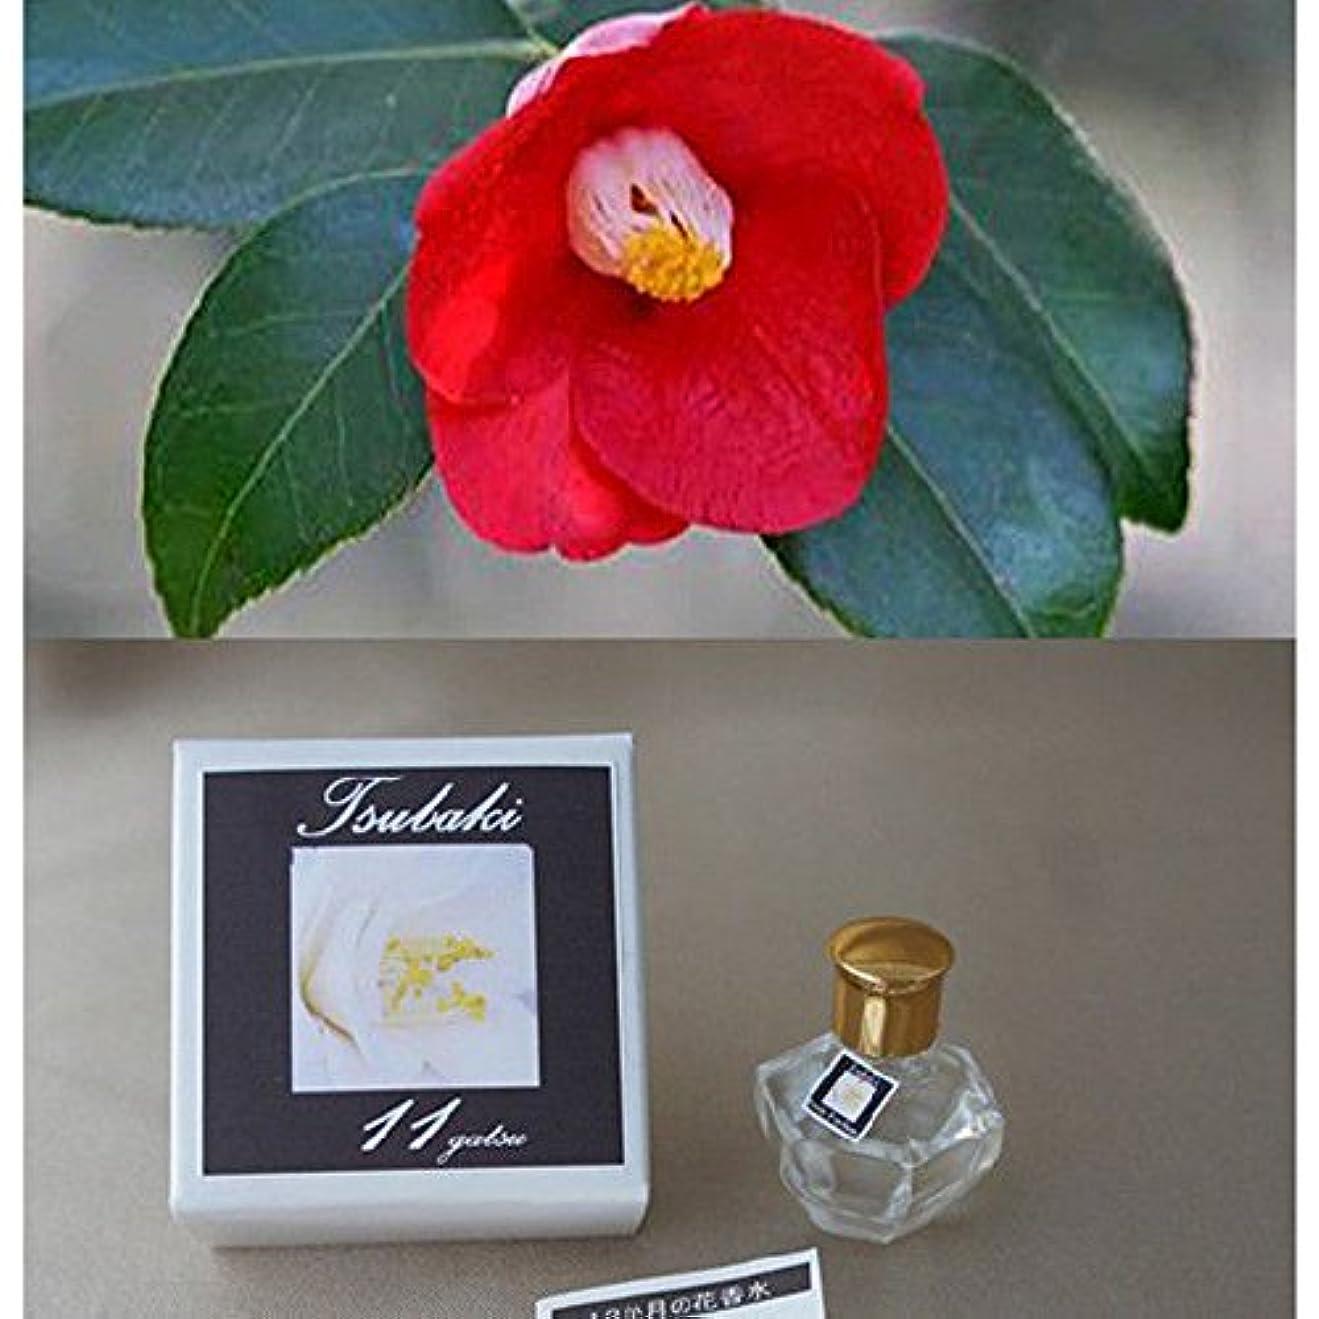 通り軽ラリー香運おみくじ&相性図鑑付き「12か月の花香水」 東山植物園の自然の花の香りから生まれた香水です。 (11月 ツバキ)